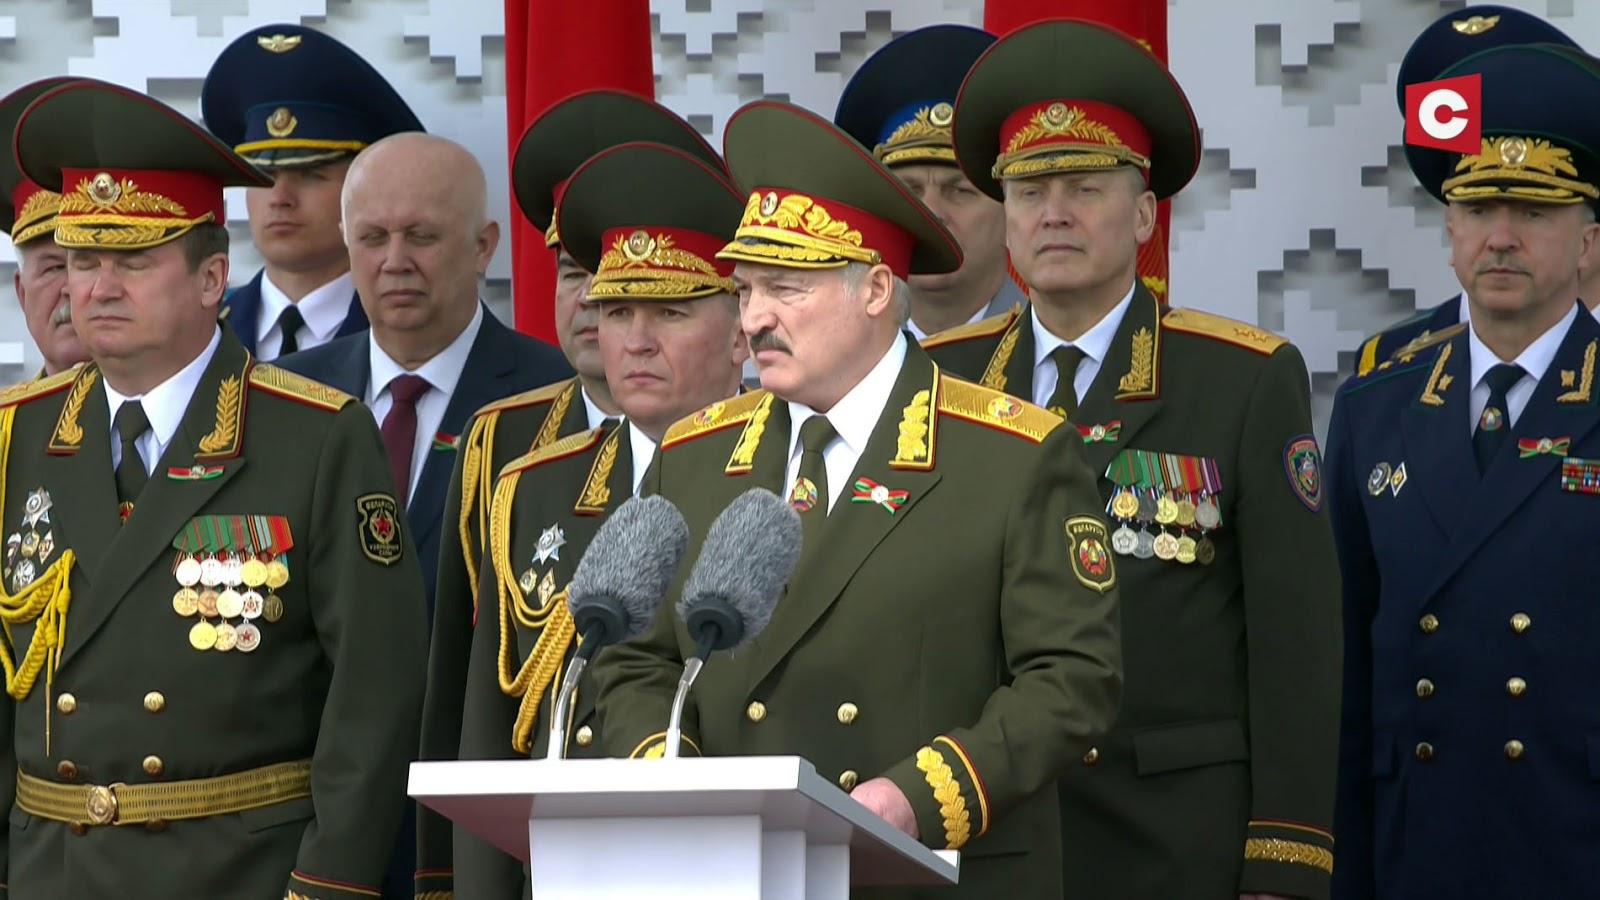 Ir paradą baltarusiai surengė, ir kaimynams, dėl coronos į kelnes pridėjusiems, nosį nušluostė (video)